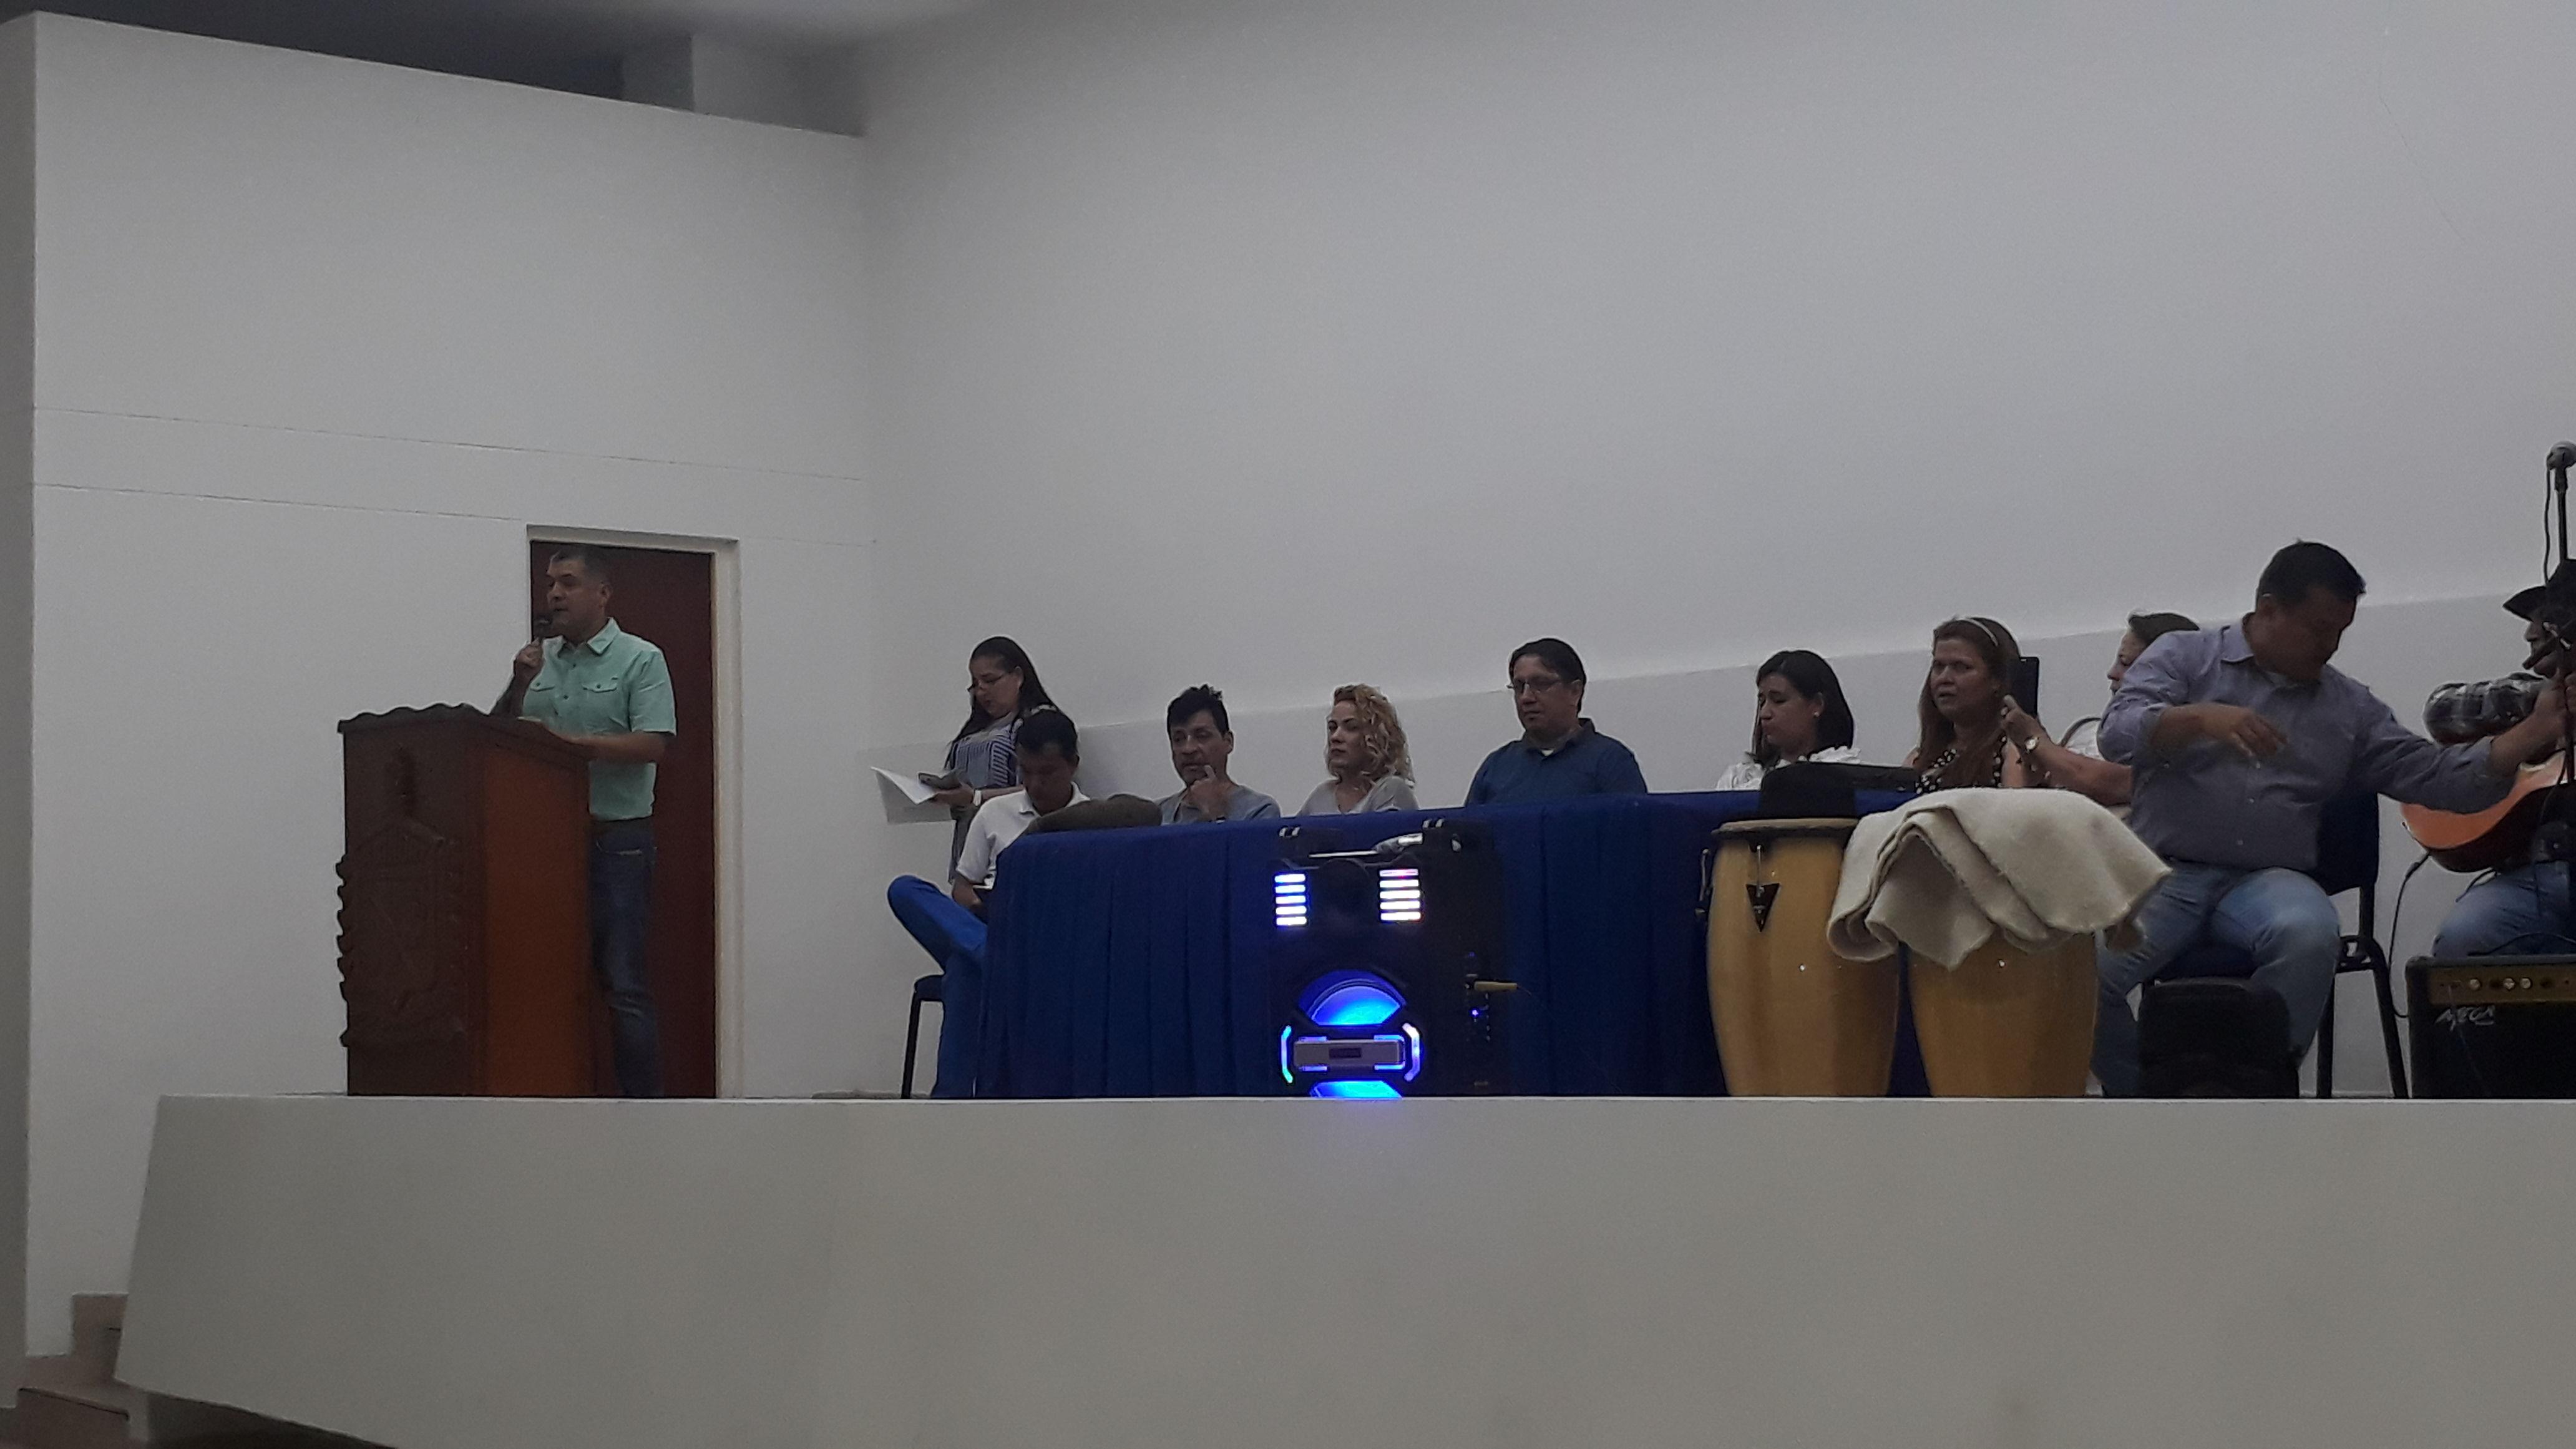 ENCUENTRO FOLCLÒRICO Y CULTURAL DEL MAGISTERIO